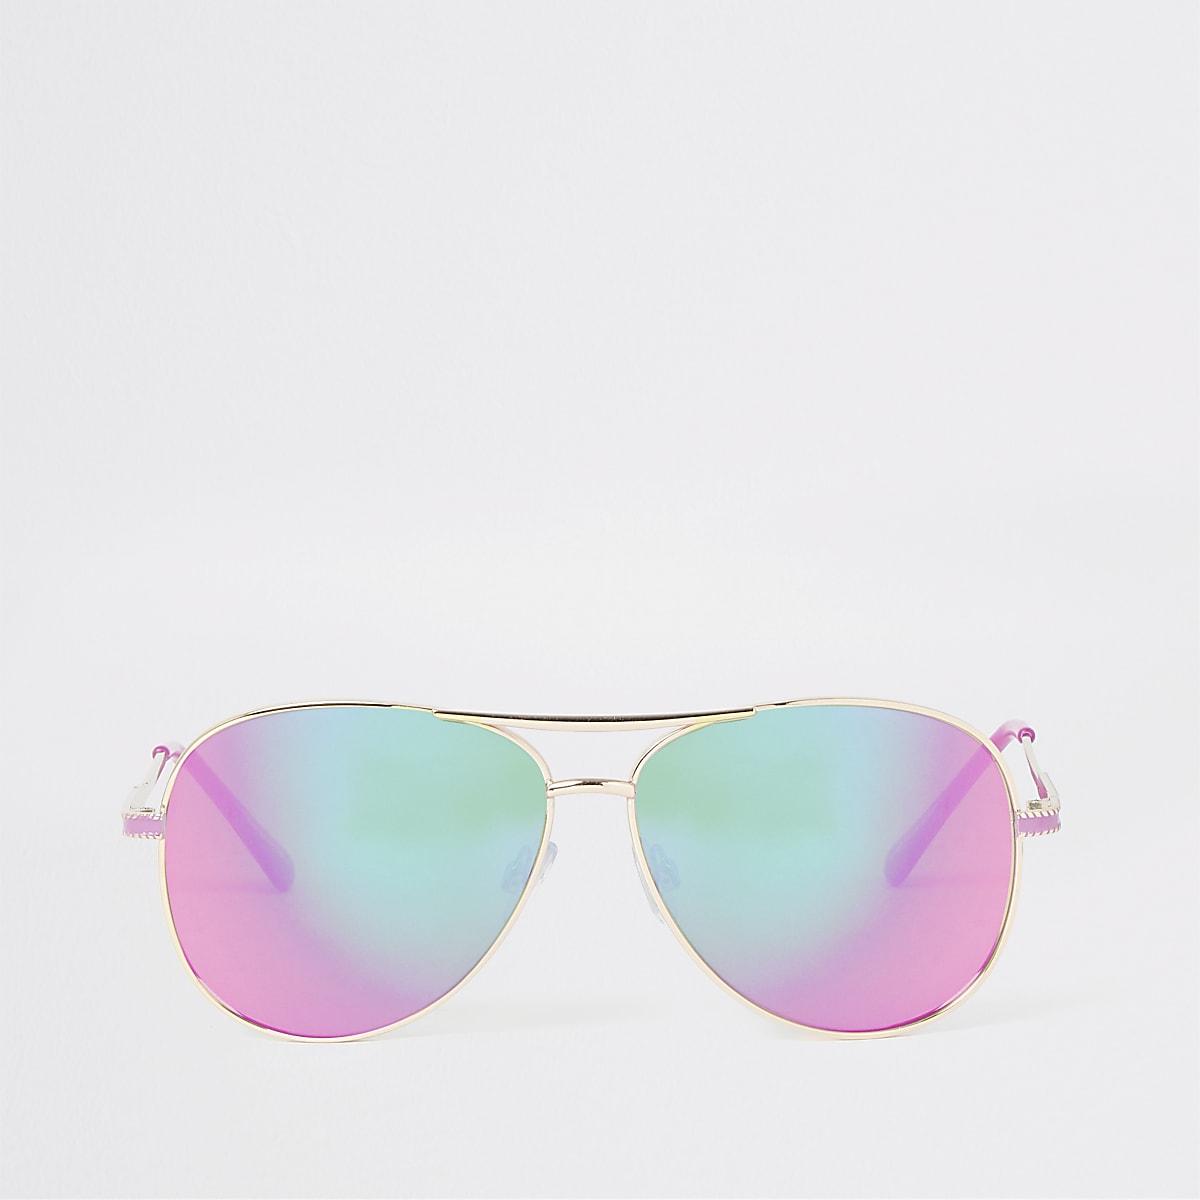 Lunettes de soleil aviateur dorées aux verres roses